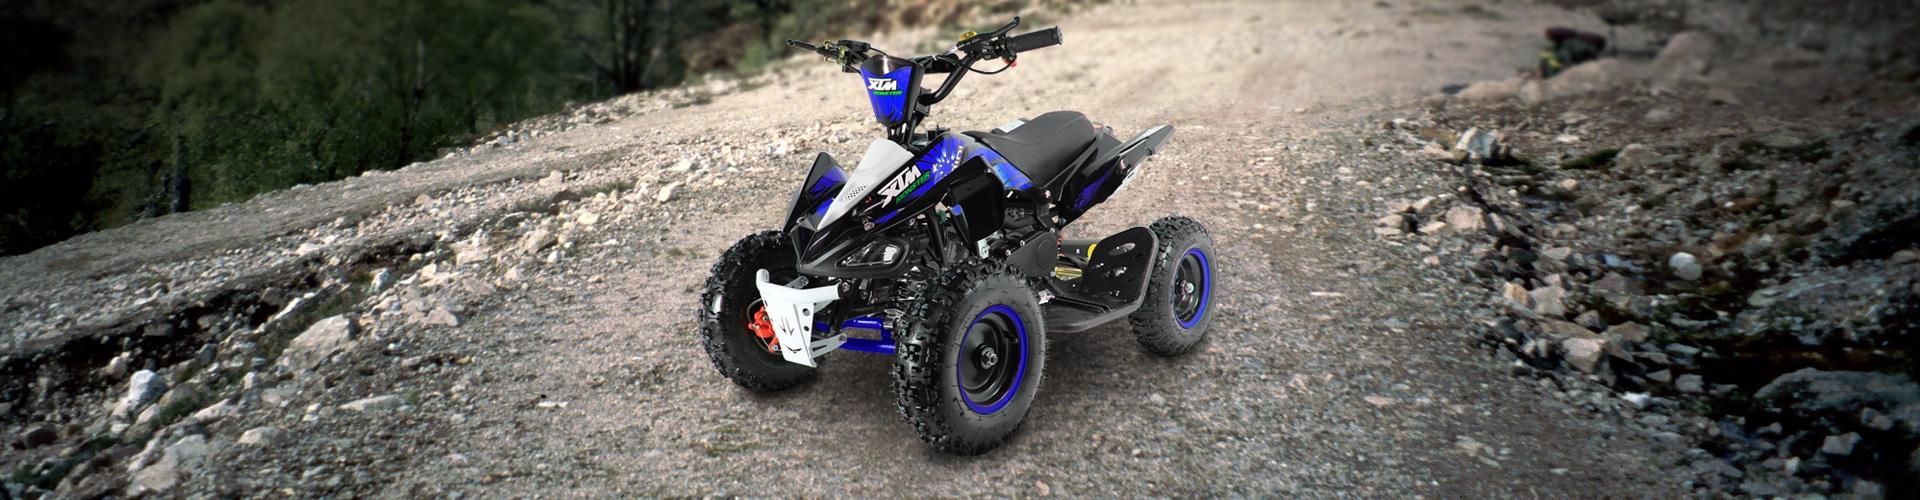 Monster Quad 36V 800W